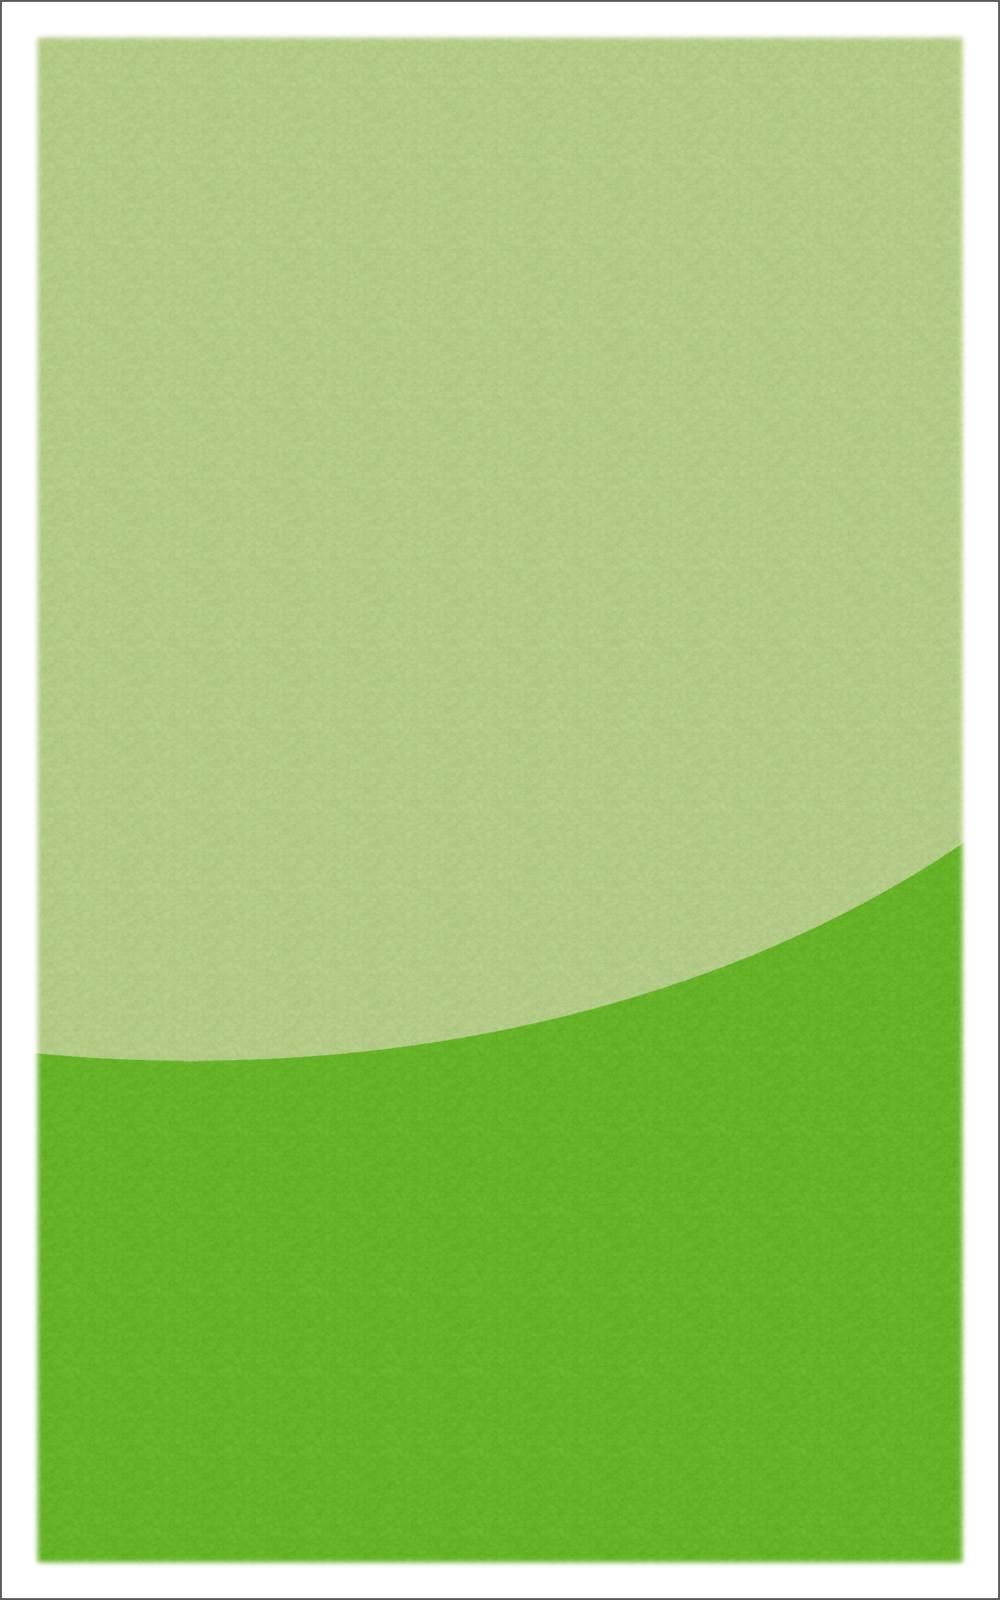 和紙風の表紙画像(1-e)